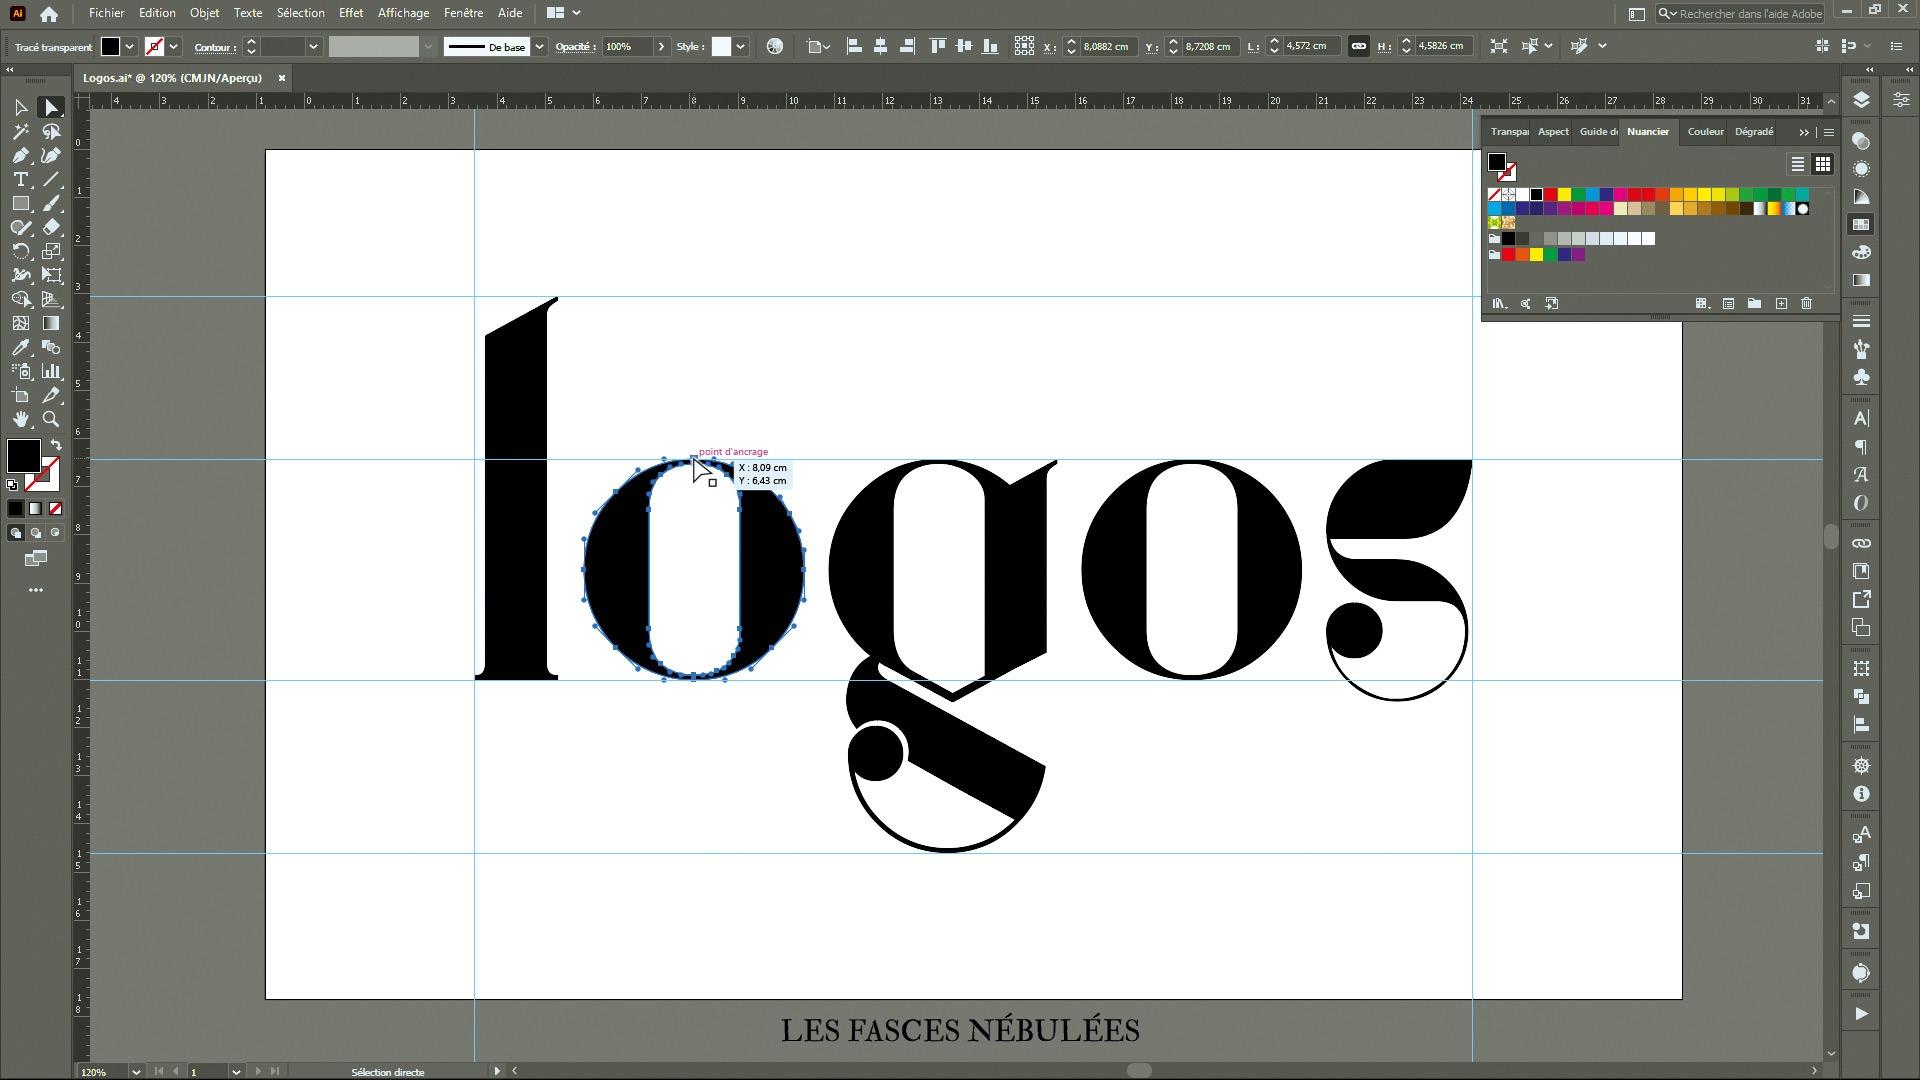 Miscellanée  de logos